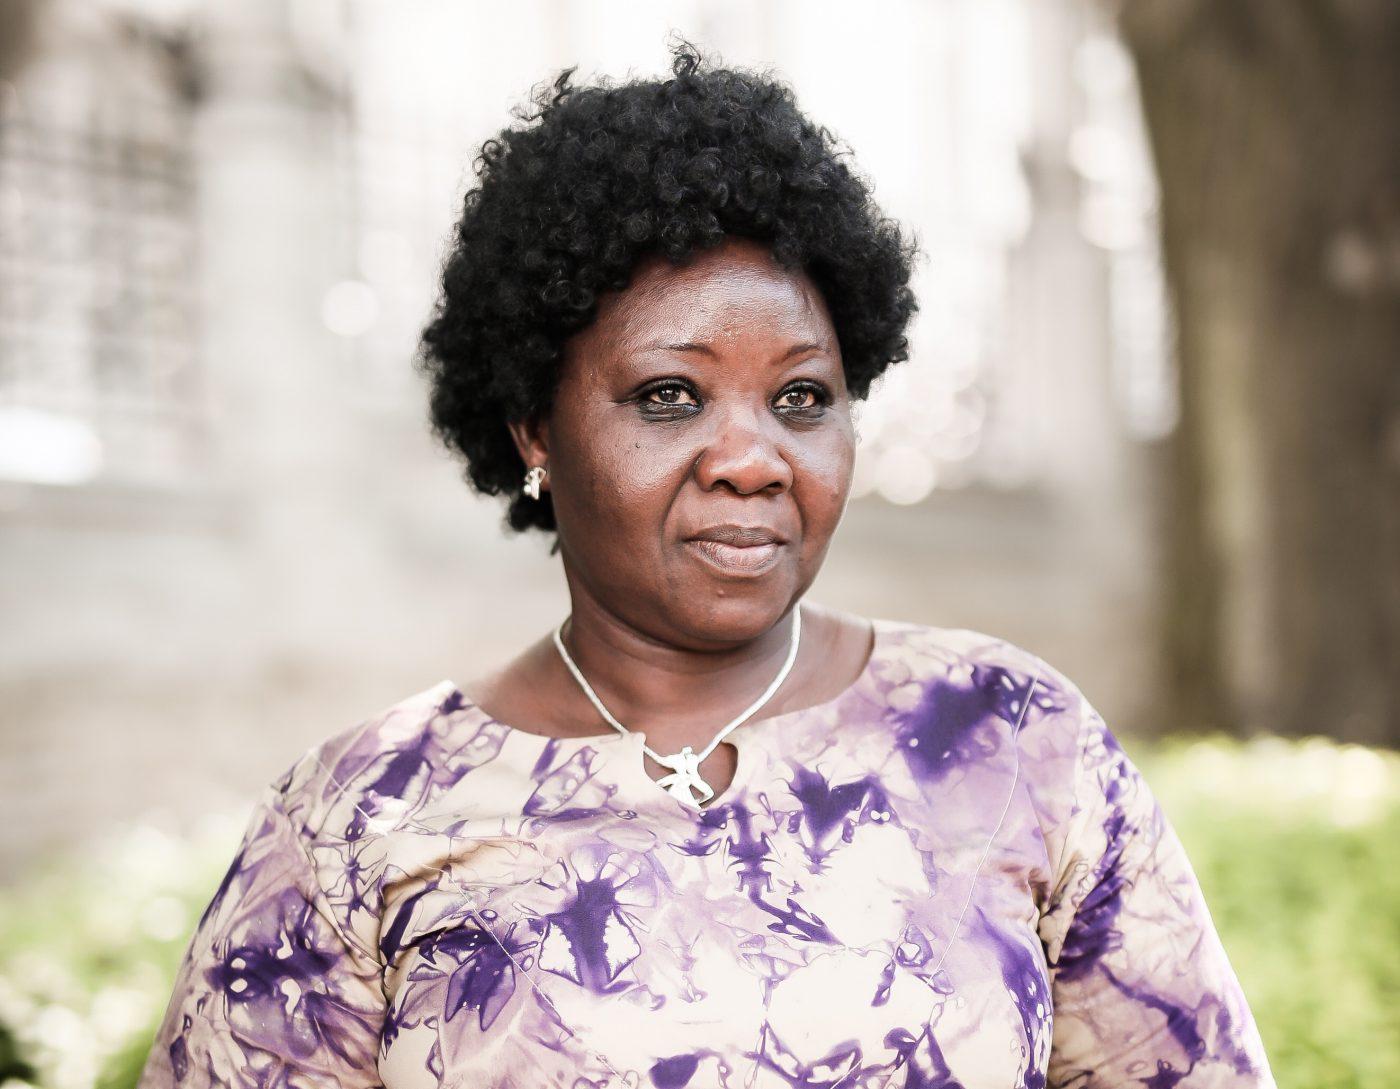 Ramata Touré